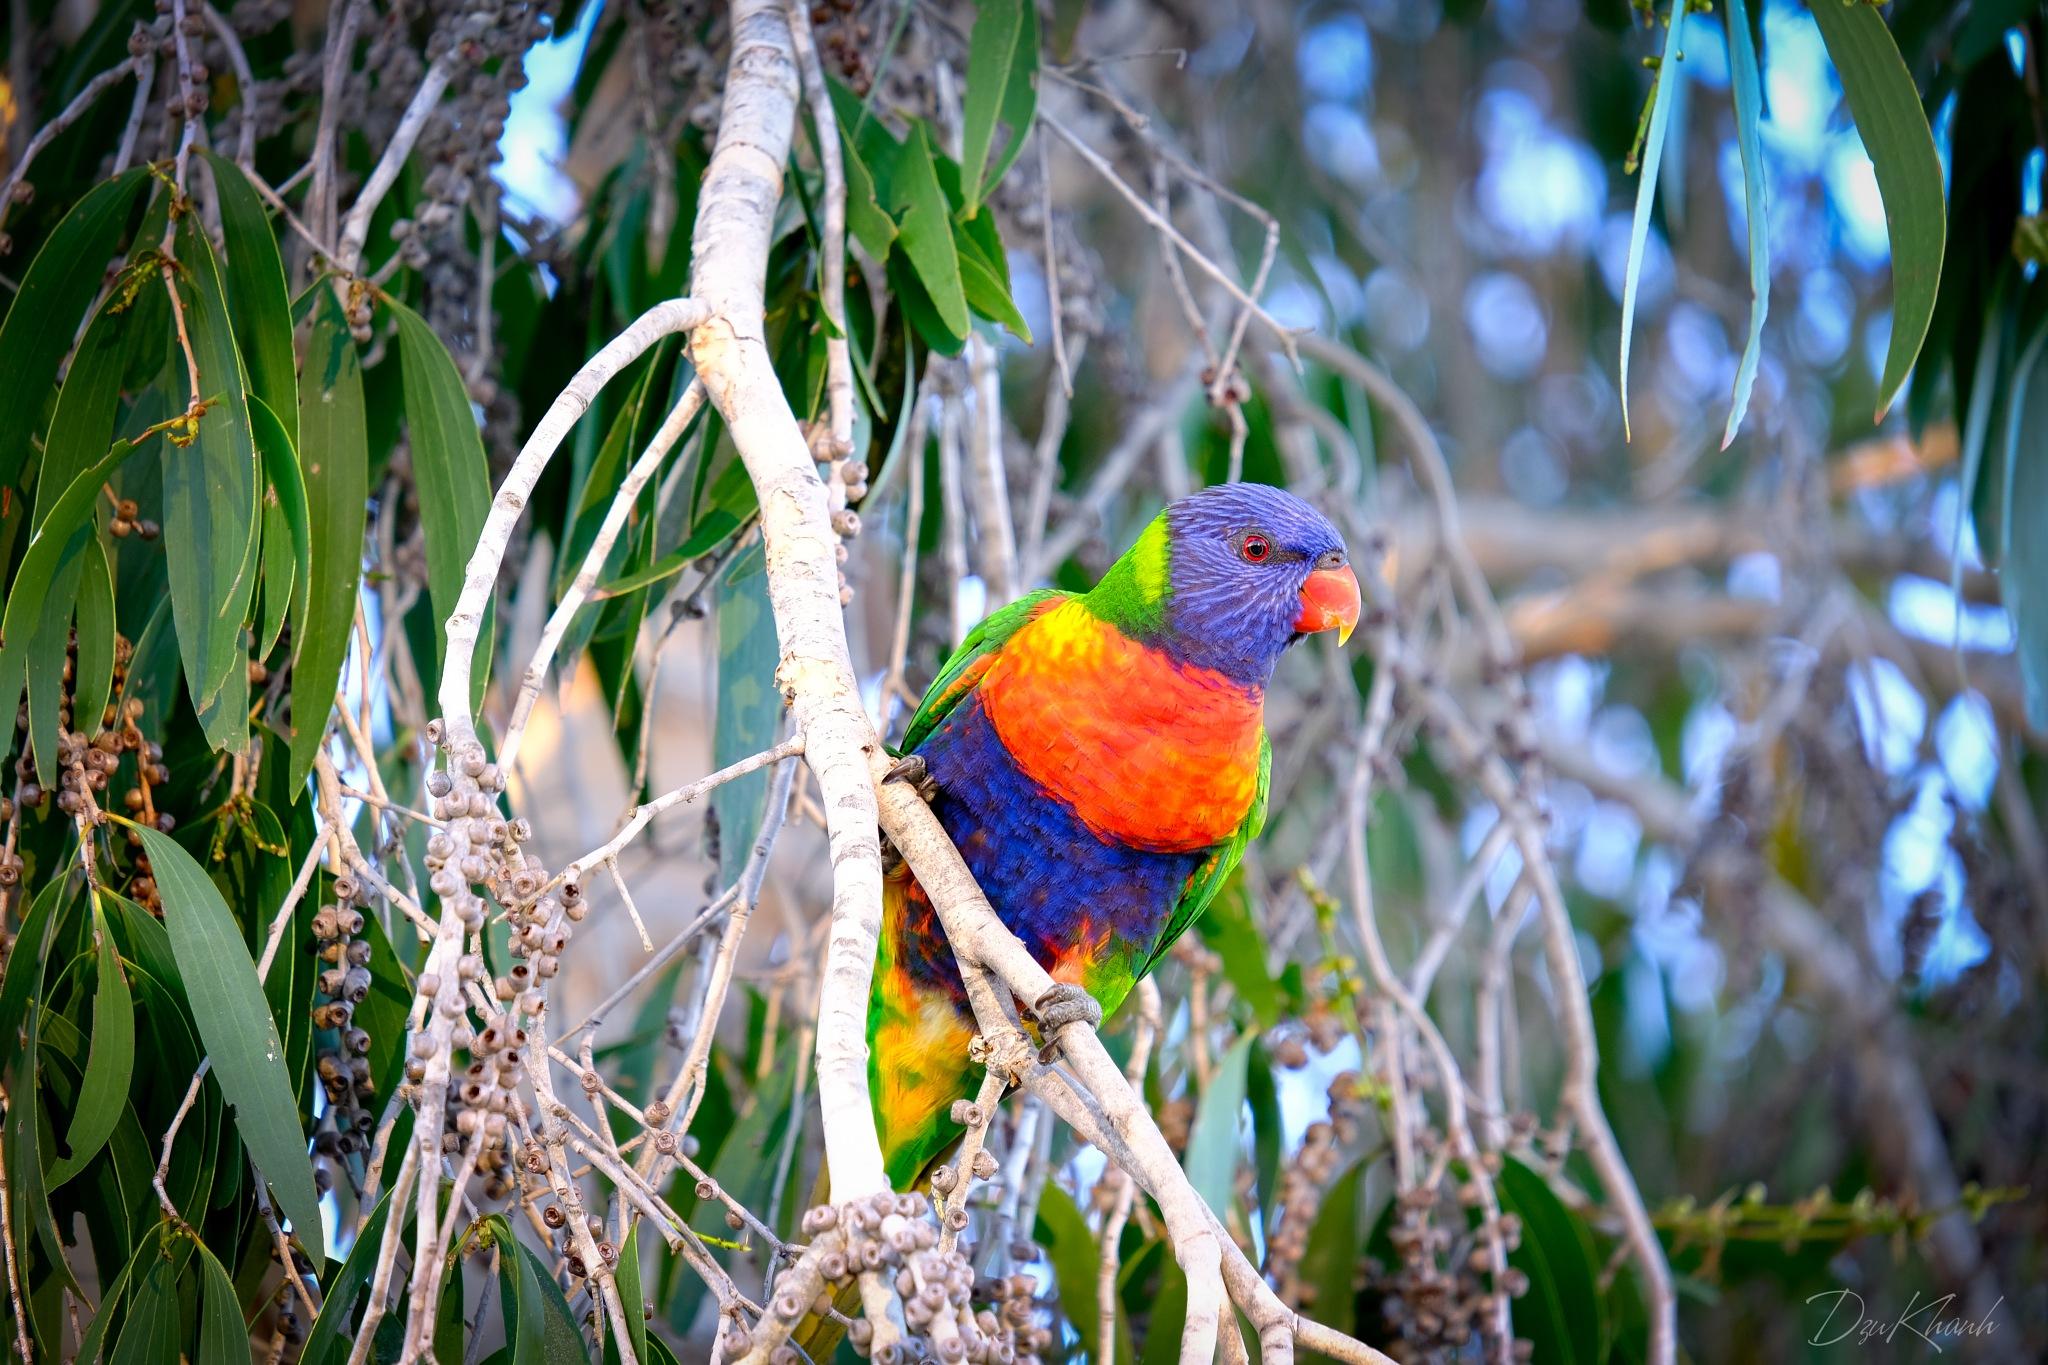 A Bird by Khanh Dzu Do